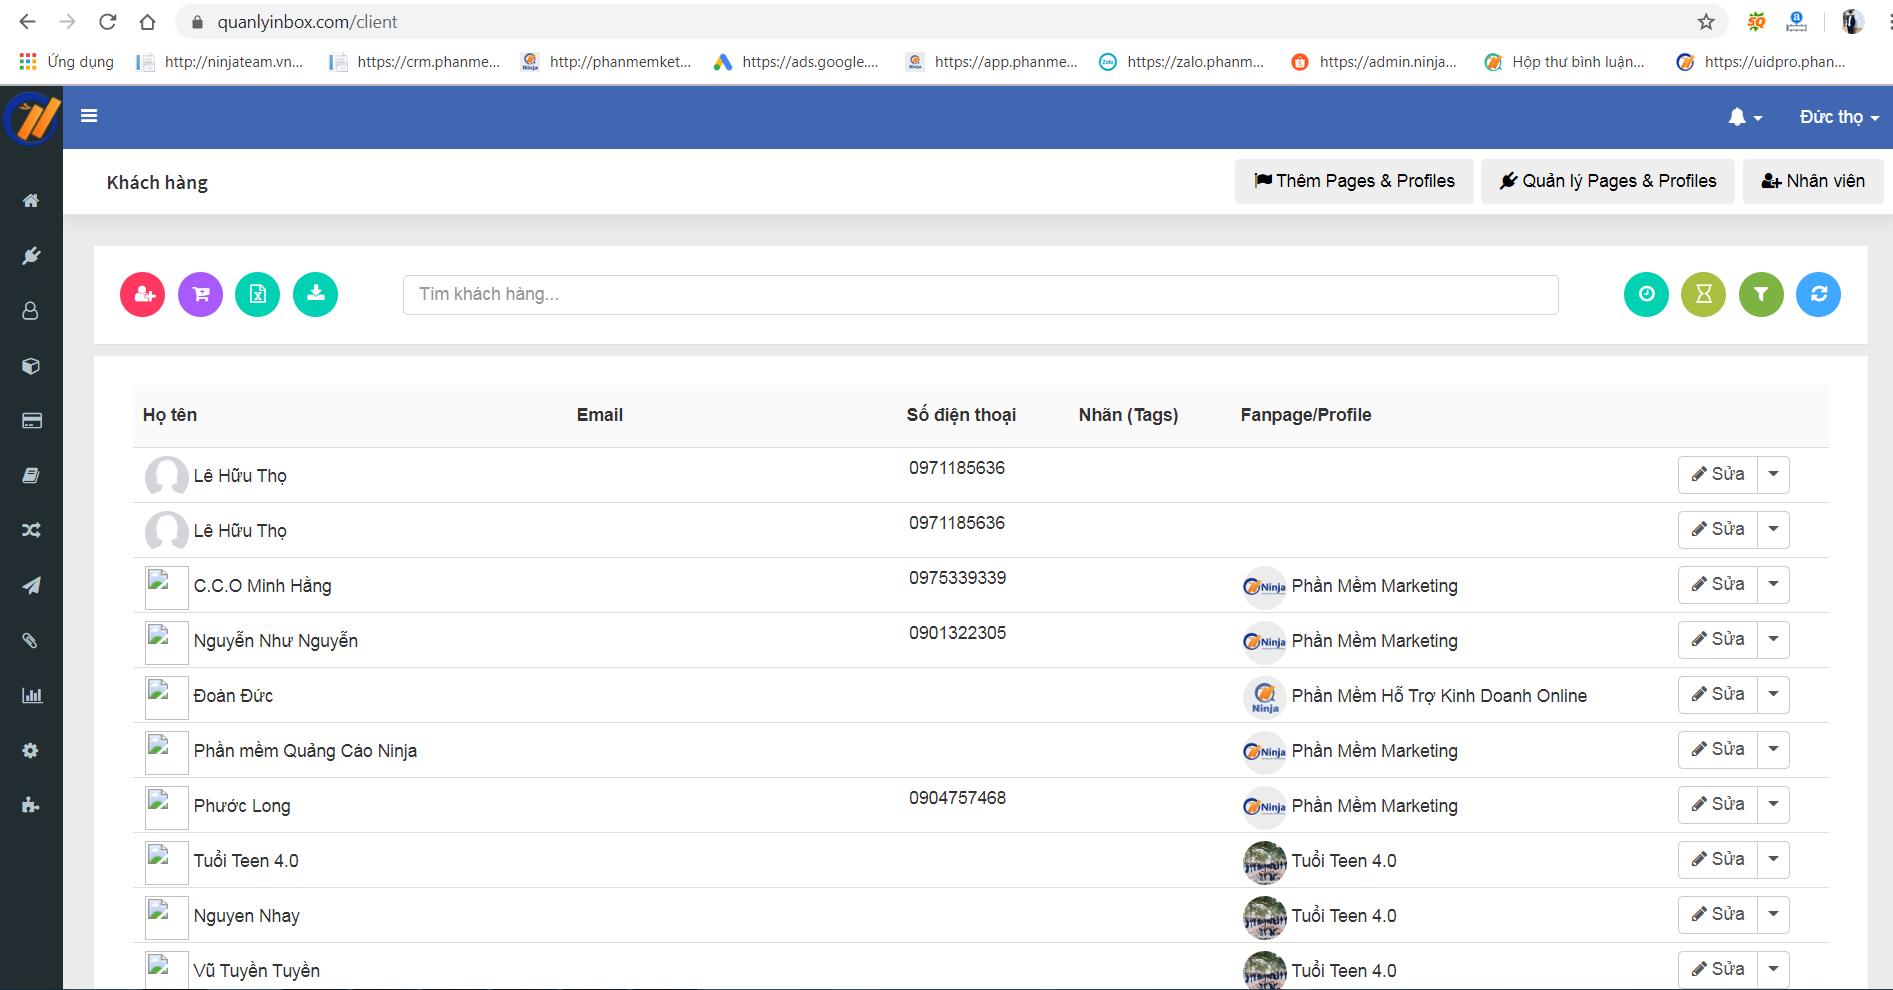 Ninja Fanpage – phần mềm quản lý inbox comment, chatbot thông minh hiệu quả - 281305